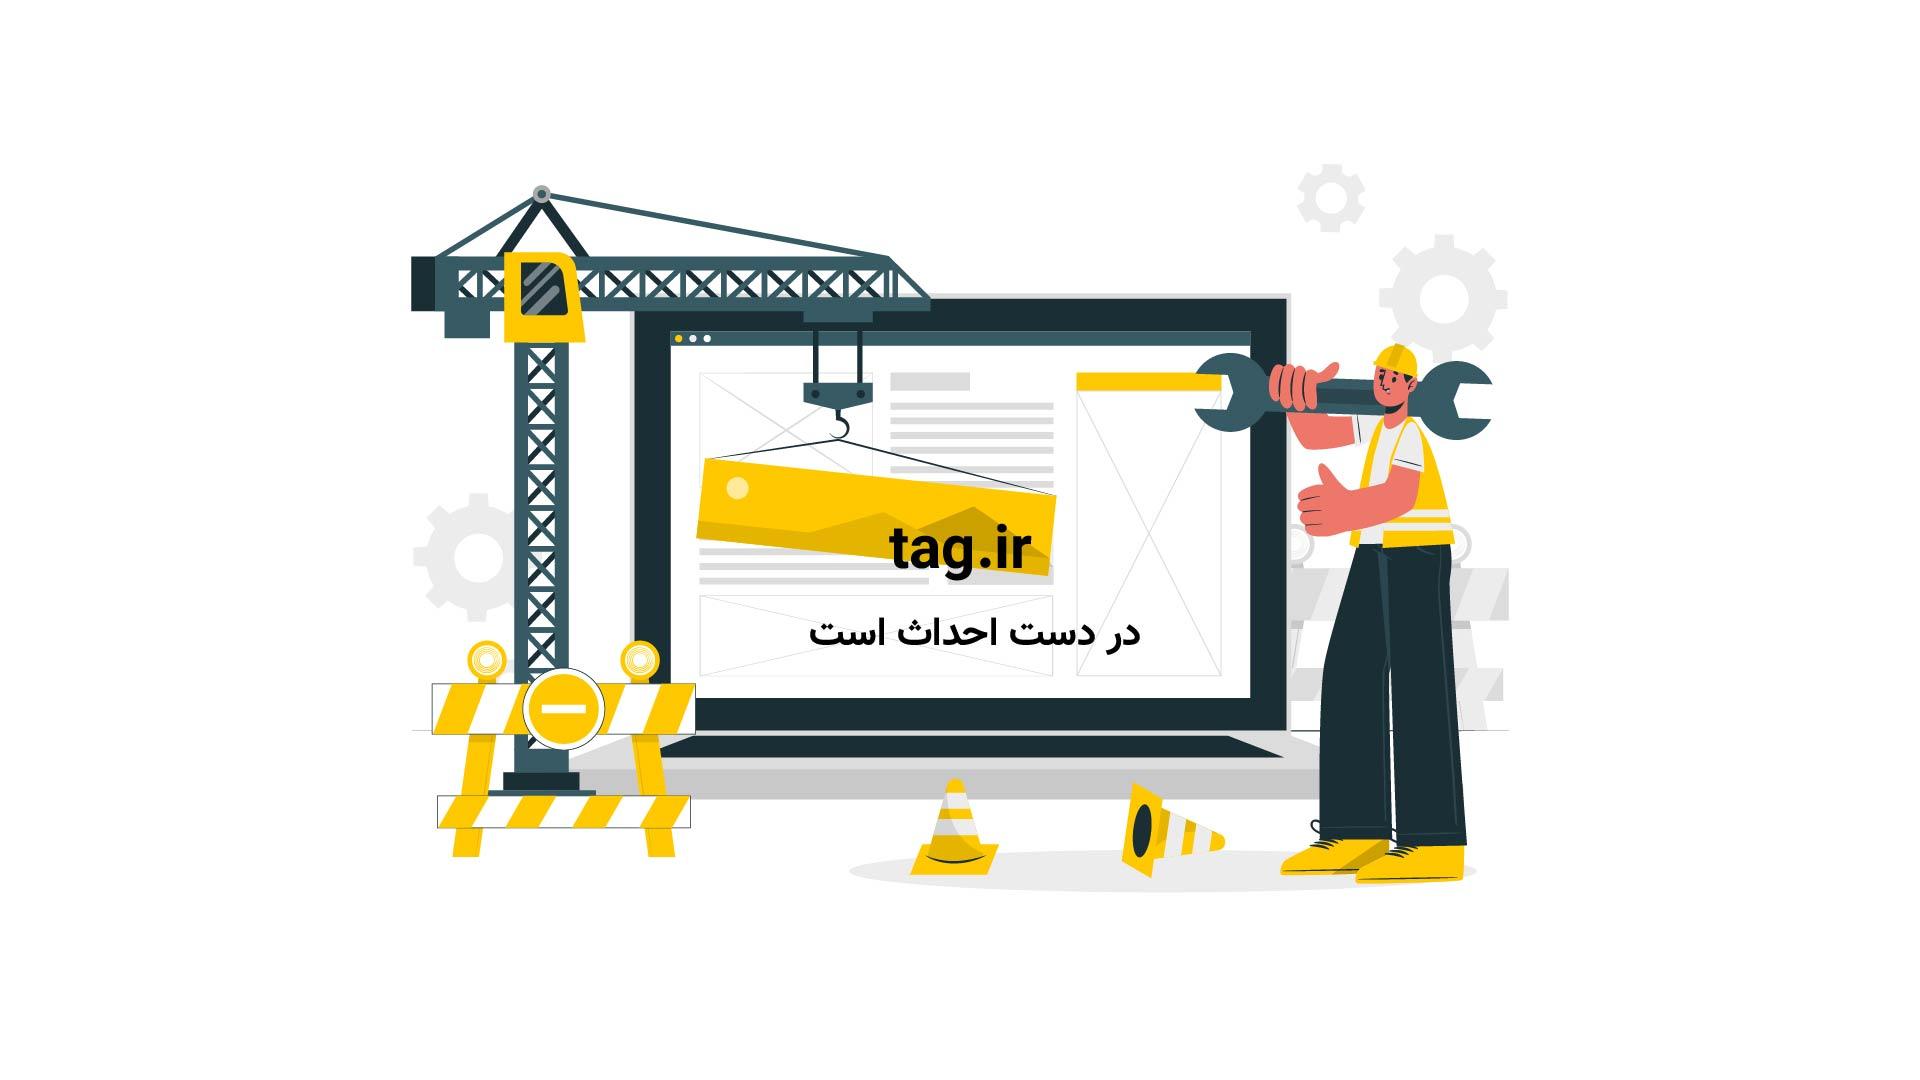 نسبیت همزمانی از دیدگاه اینشتین را به زبانی ساده بیاموزید | فیلم